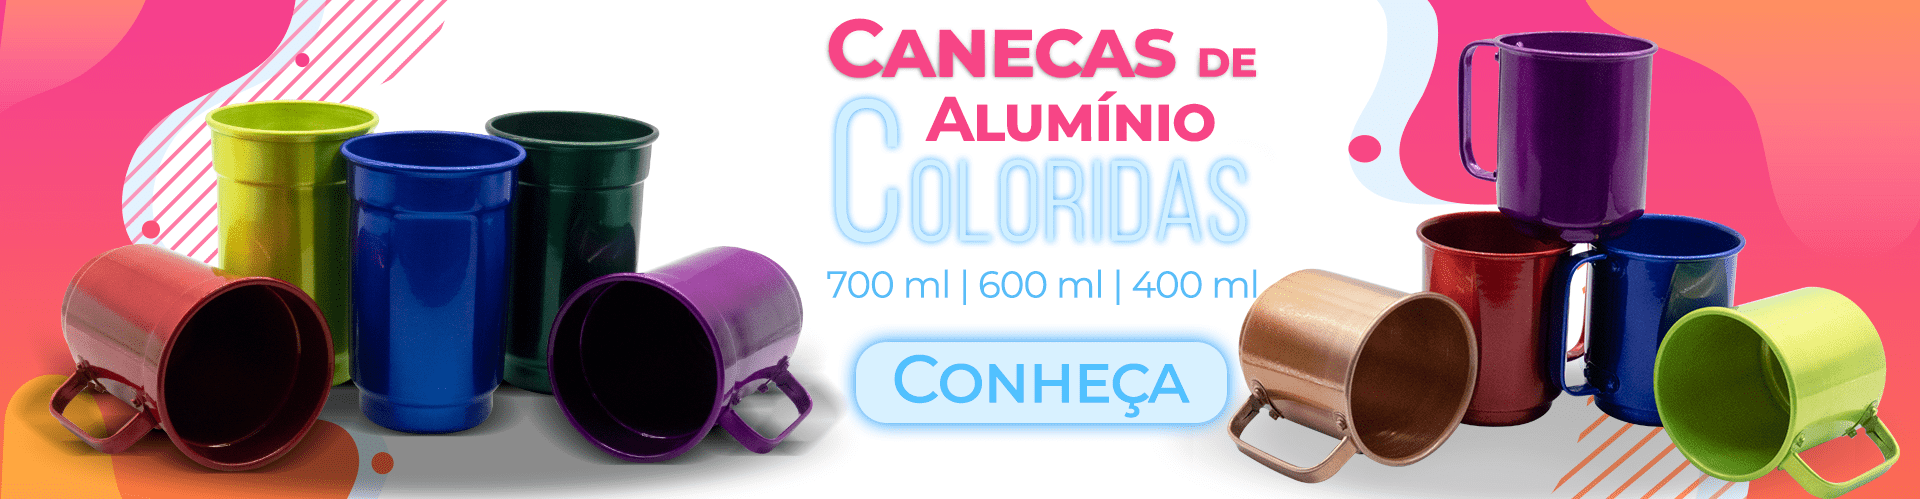 Caneca de ALUMINIO COLORIDA